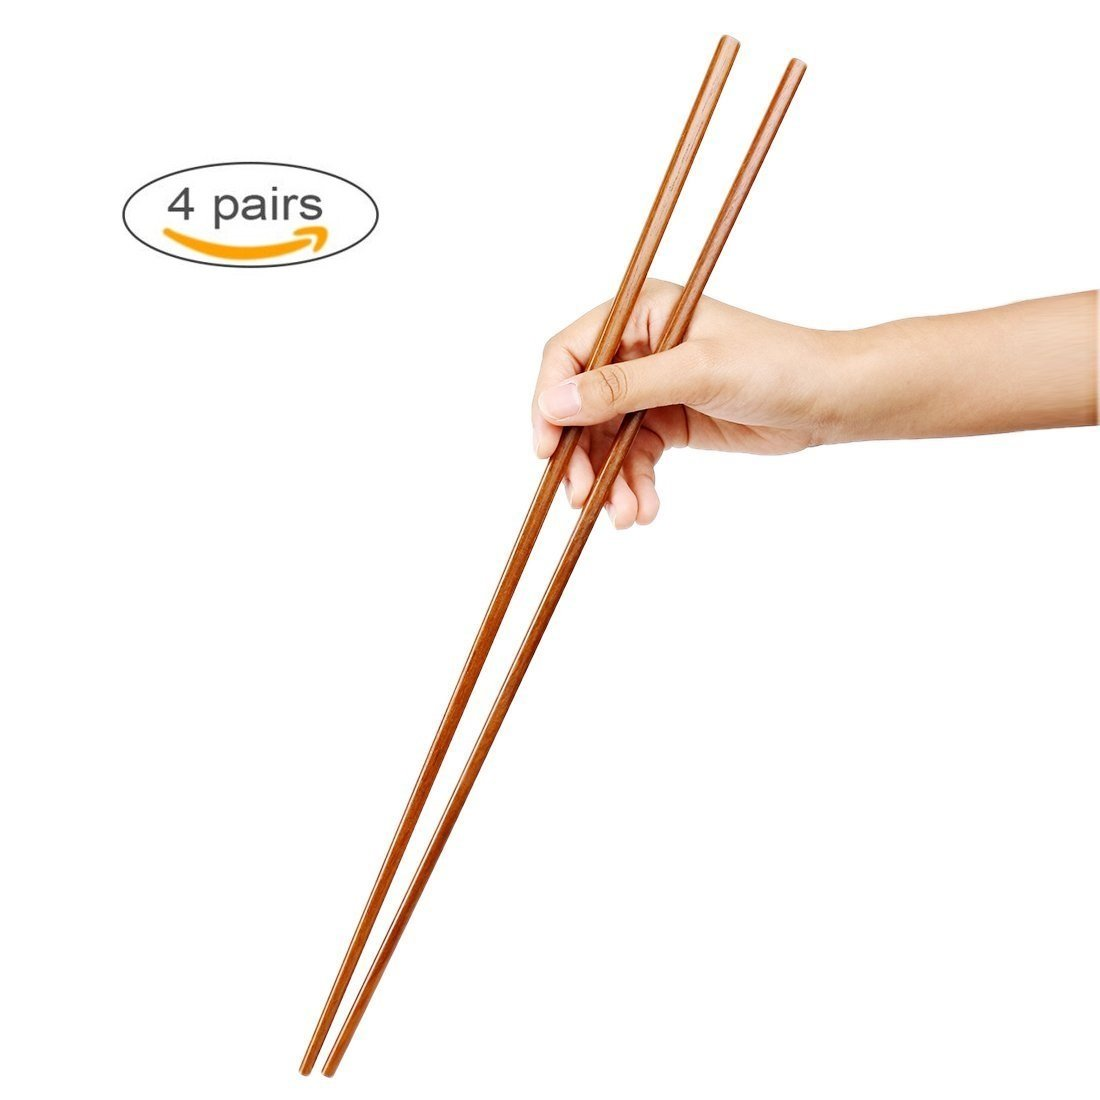 Bamboo's Grocery Cooking Wooden Chopsticks, Hot Pot Chopsticks,16.5 Inch, Extra long,16.5 Inch